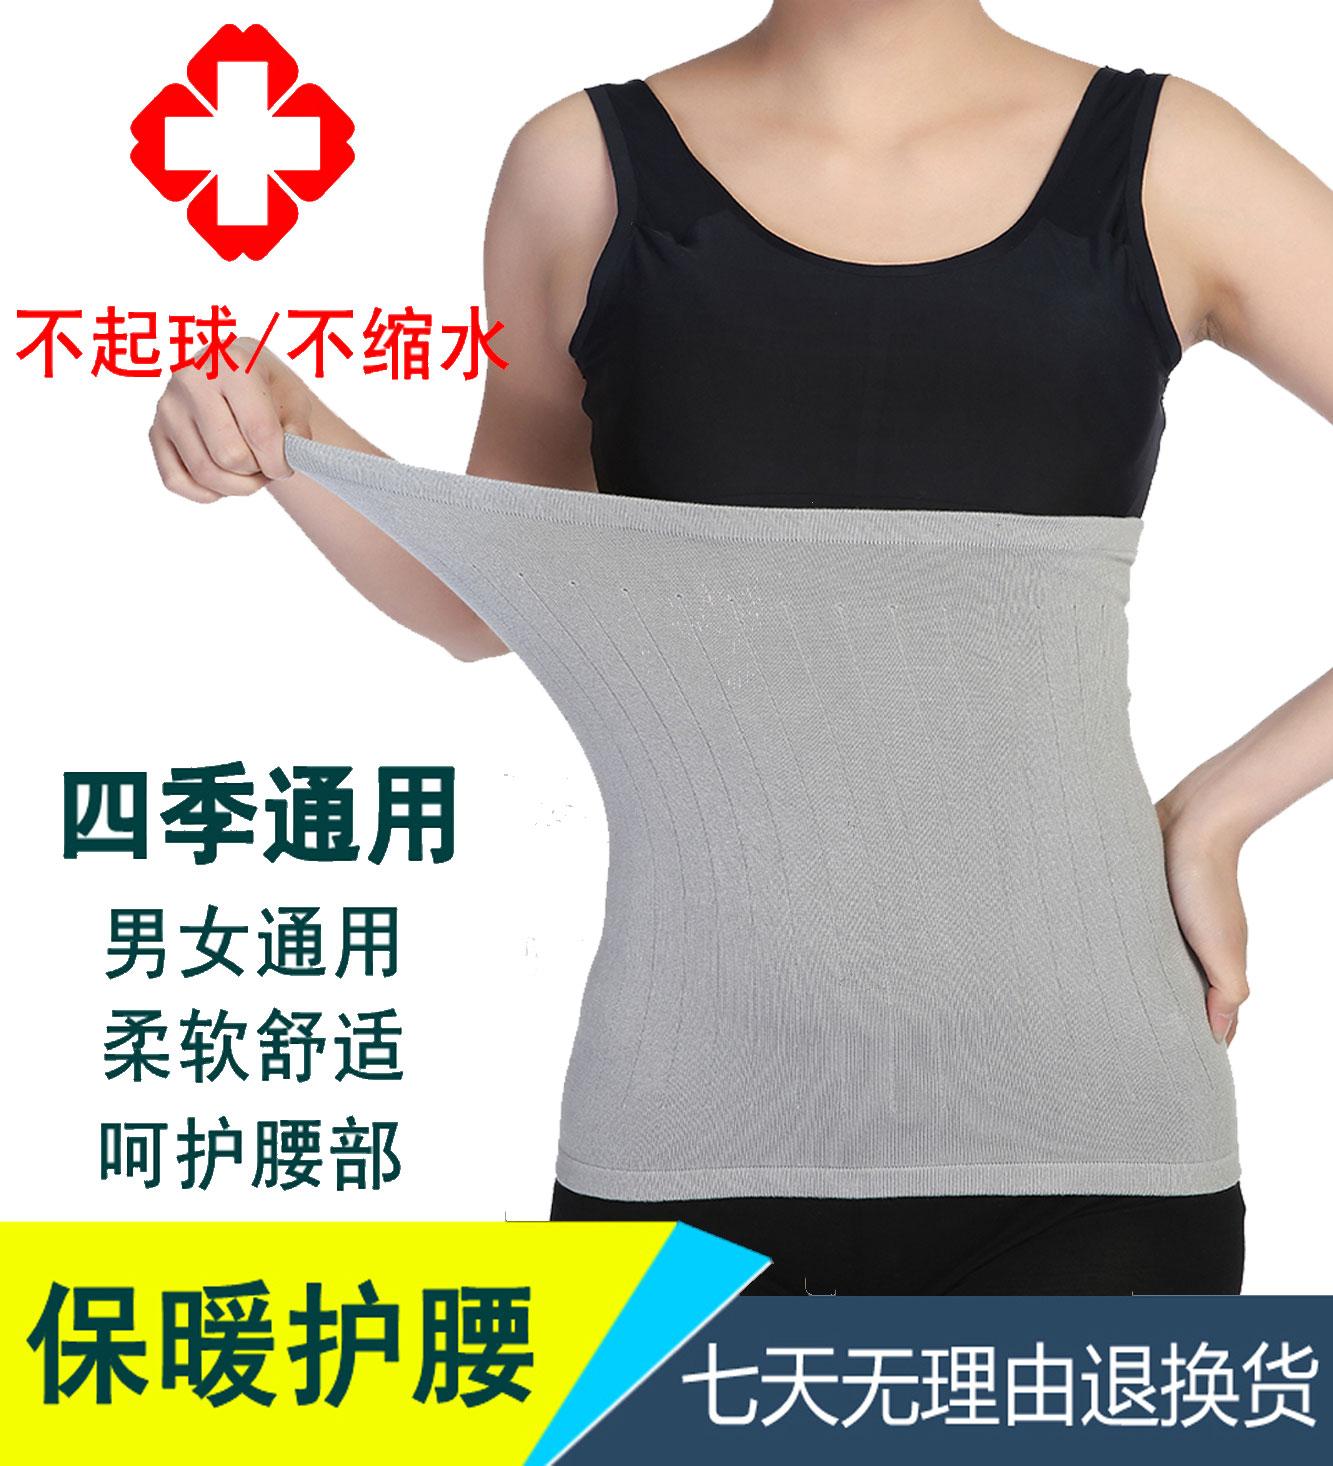 護ベルト薄項夏成人綿護腹あて腹を腹囲巻保温護胃は男女共通腰盤